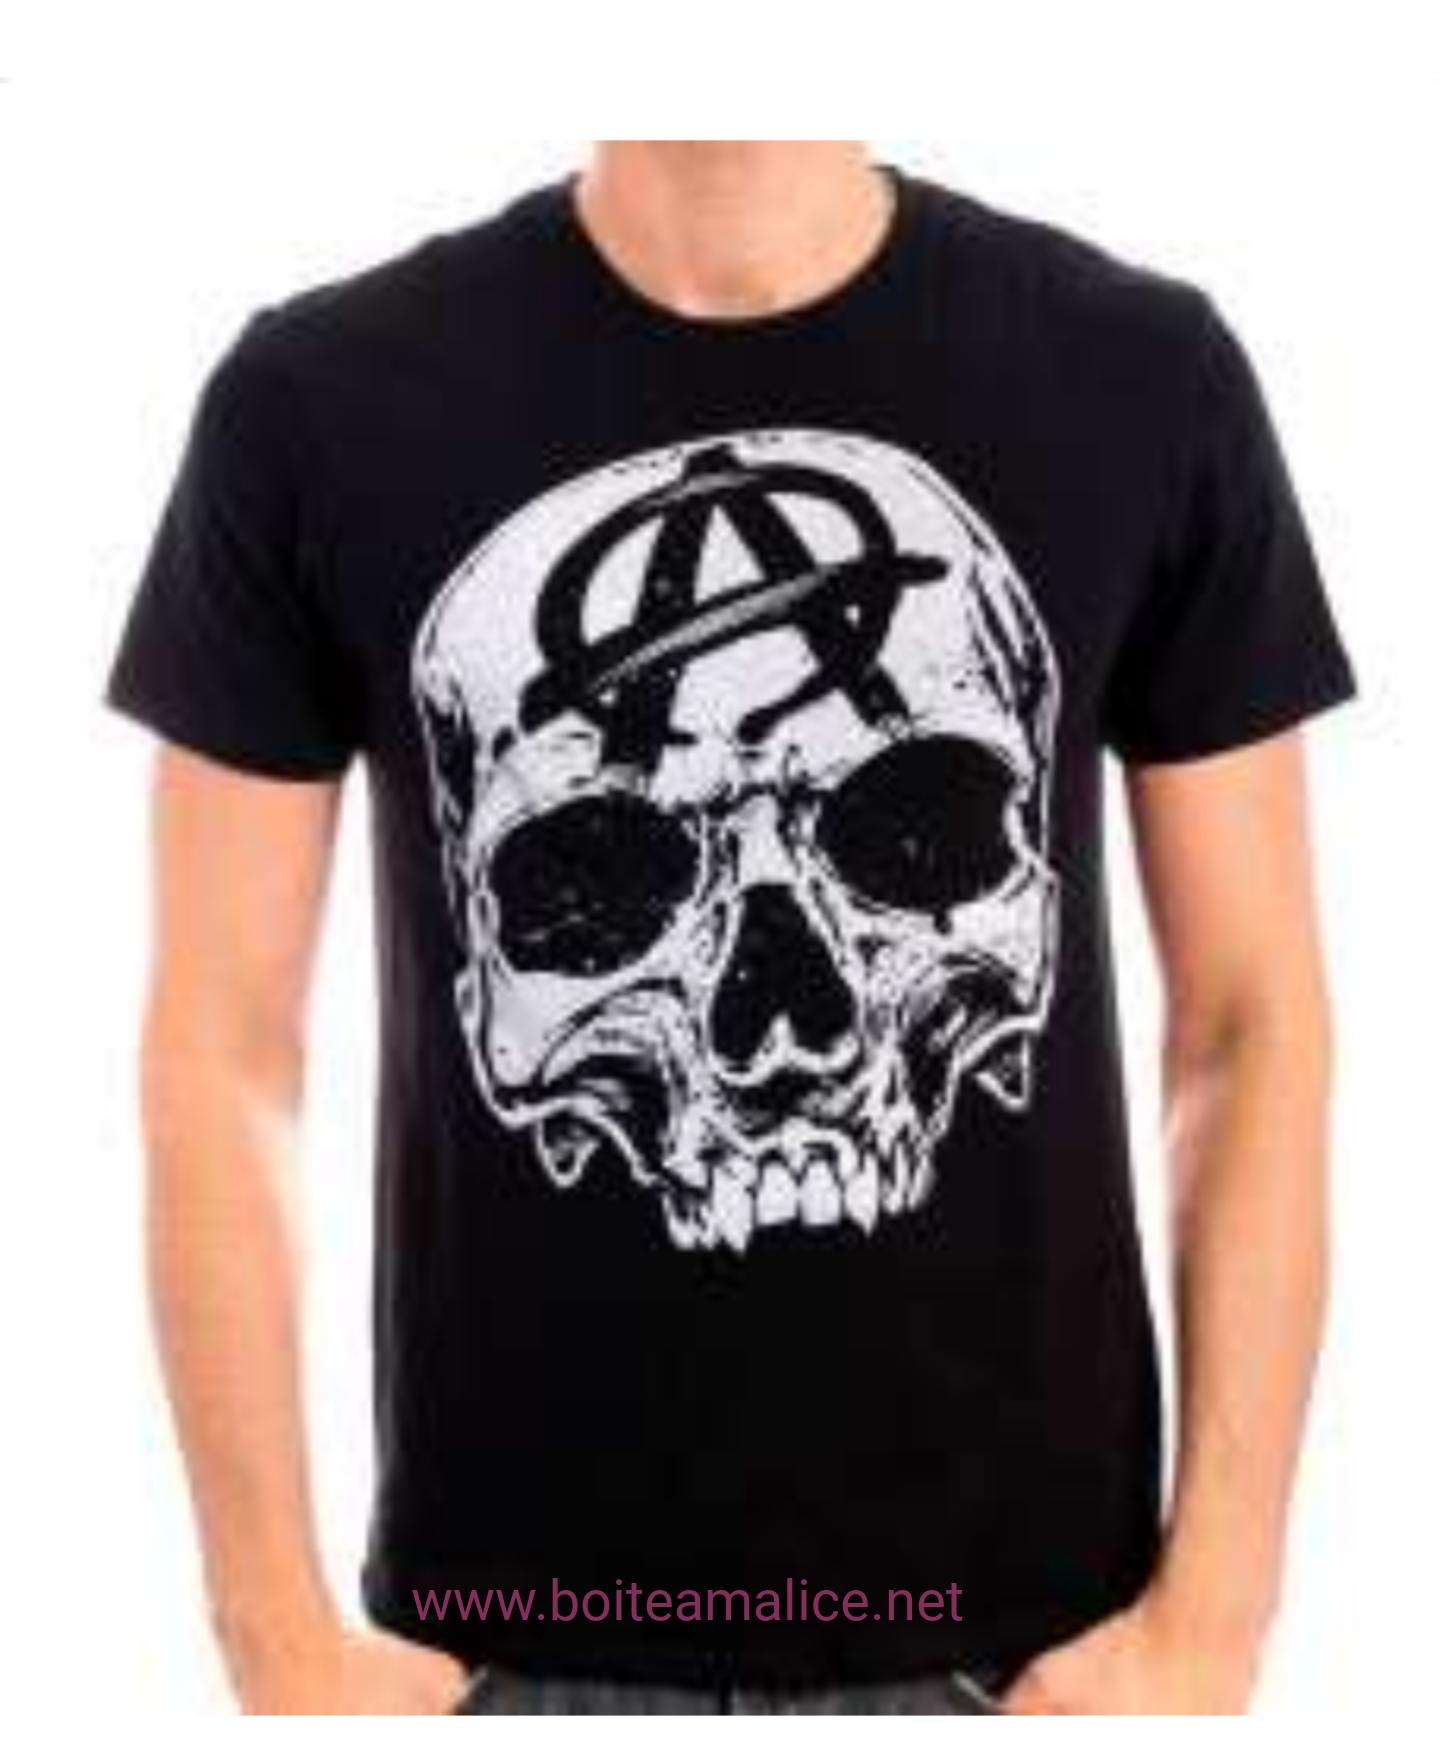 Tshirt sons of anarchy